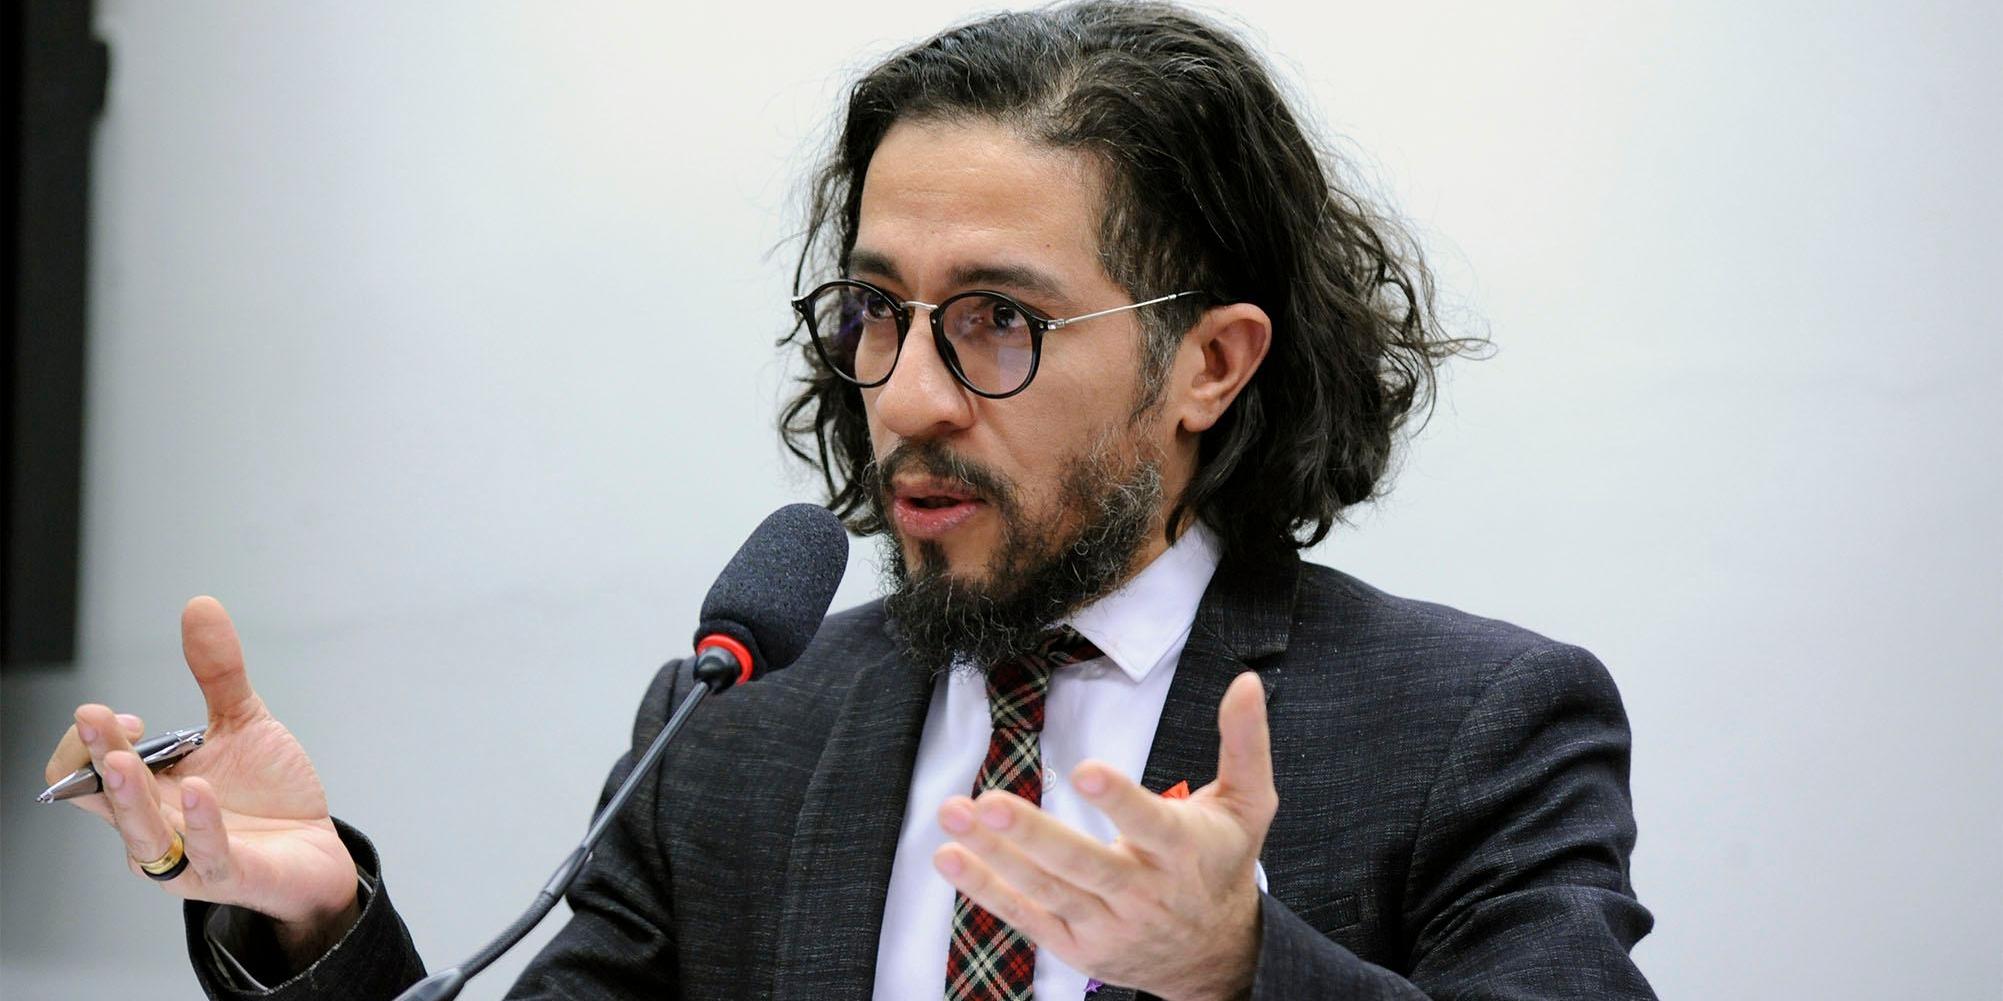 Audiência pública sobre a decisão judicial recente que determinou a esterilização compulsória de uma mulher residente em Mococa – SP. Dep. Jean Wyllys (PSOL - RJ)